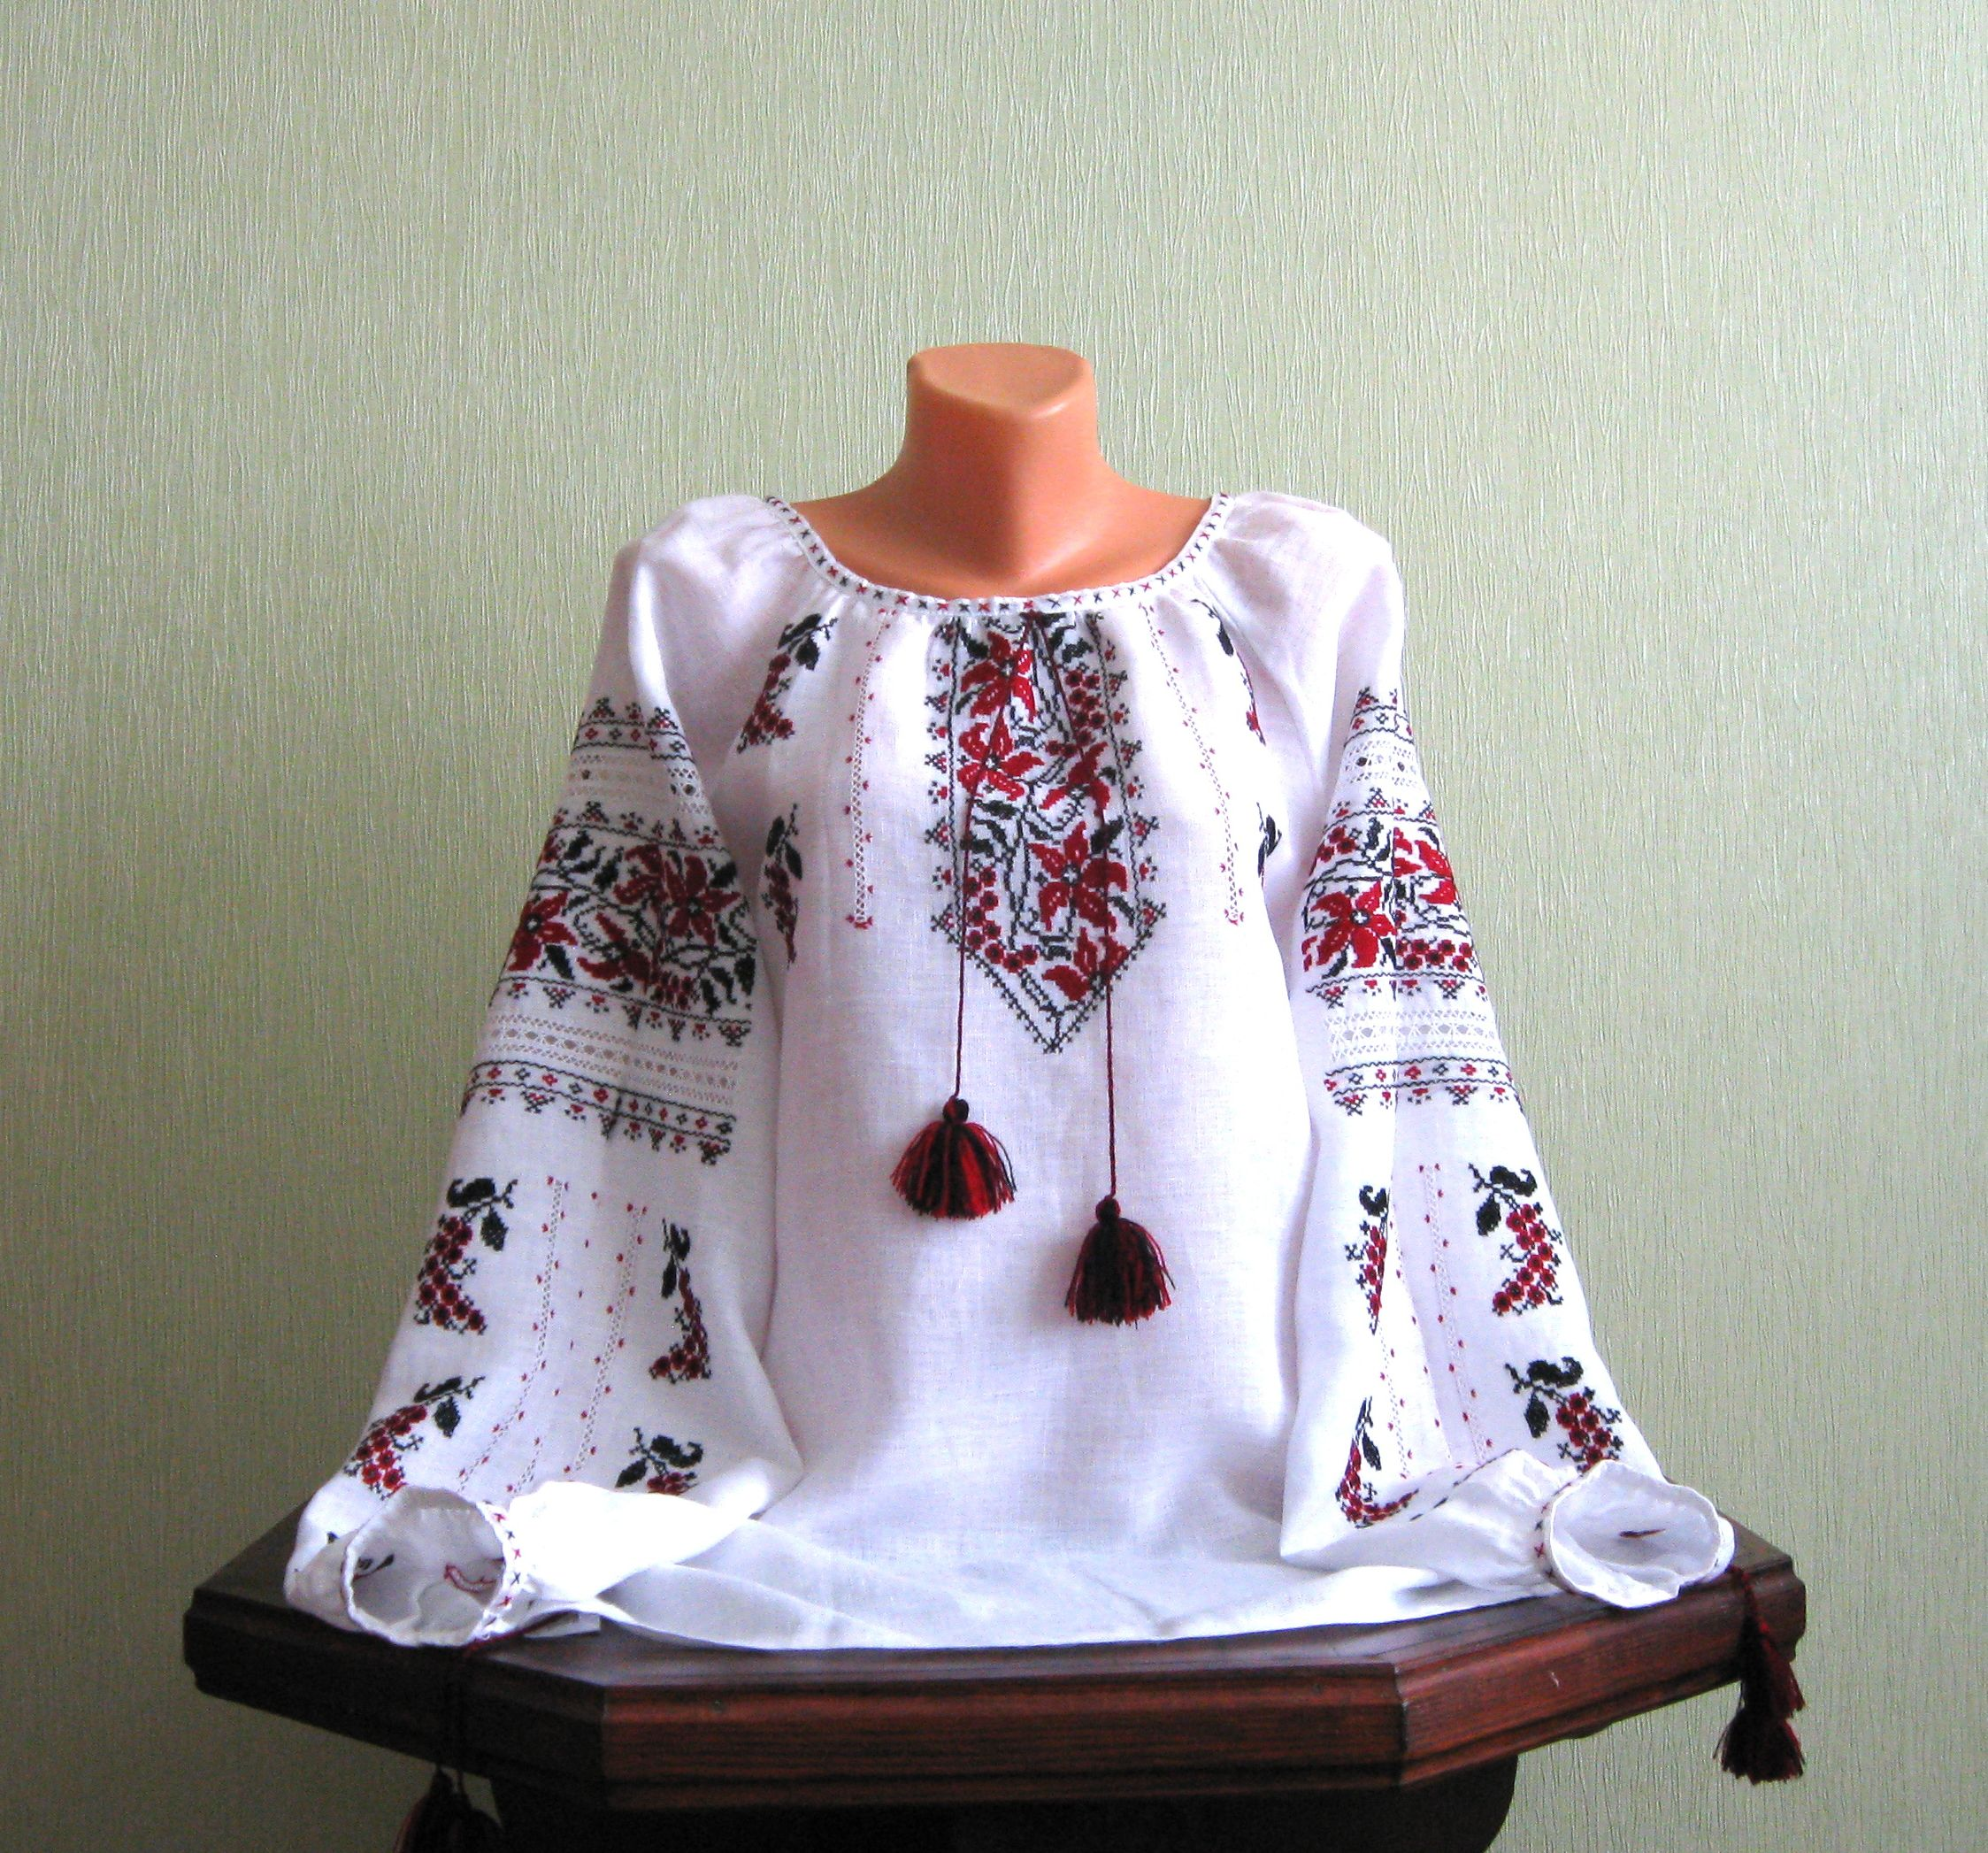 Жіноча вишита сорочка зі старовинним візерунком ручної роботи ціна ... d598c60d64f31